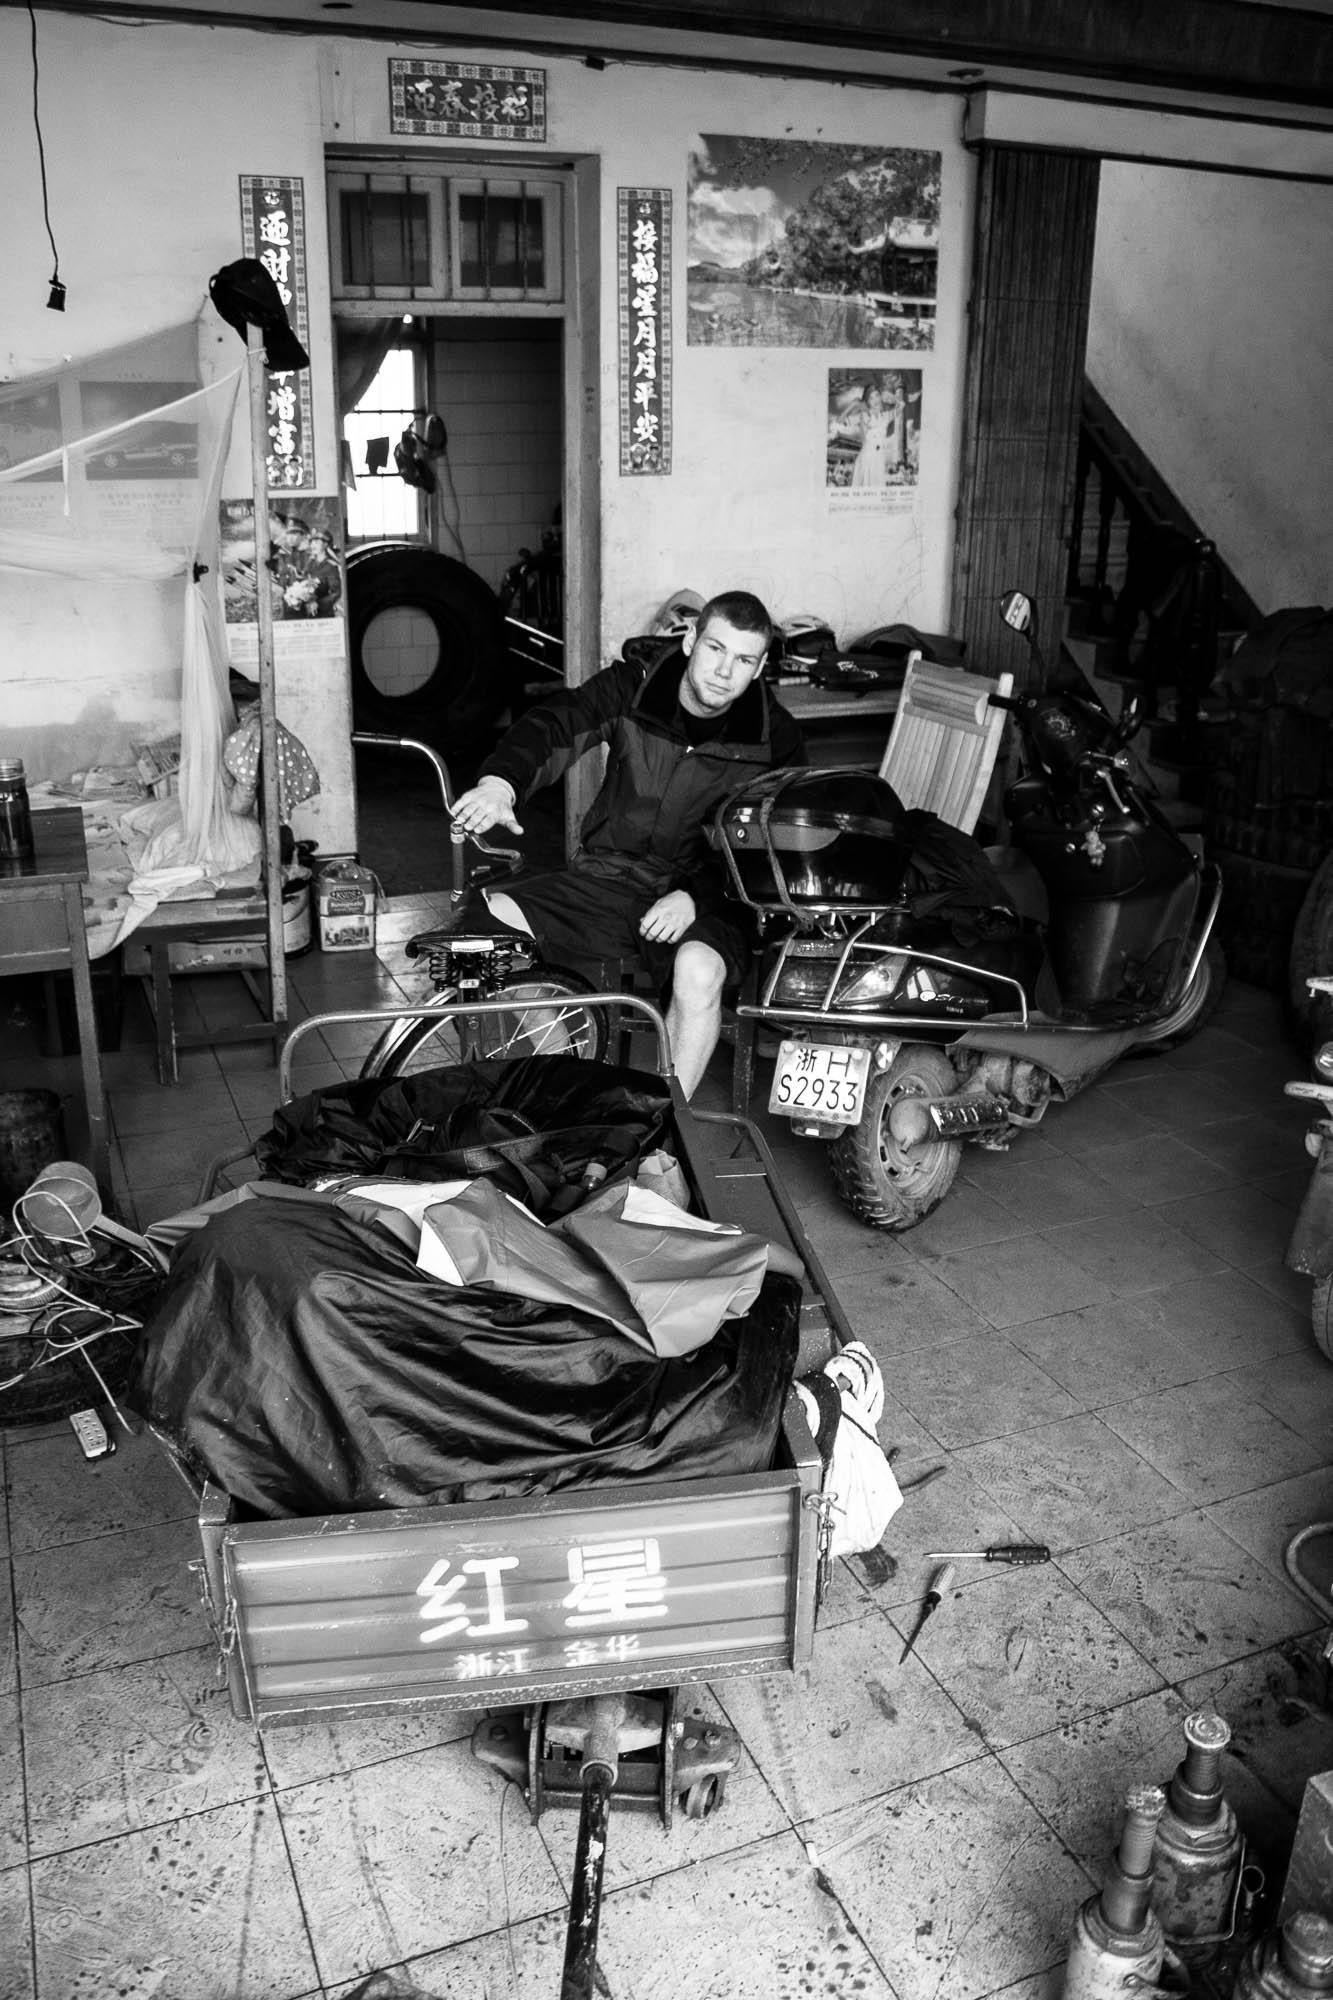 repair shop 2006